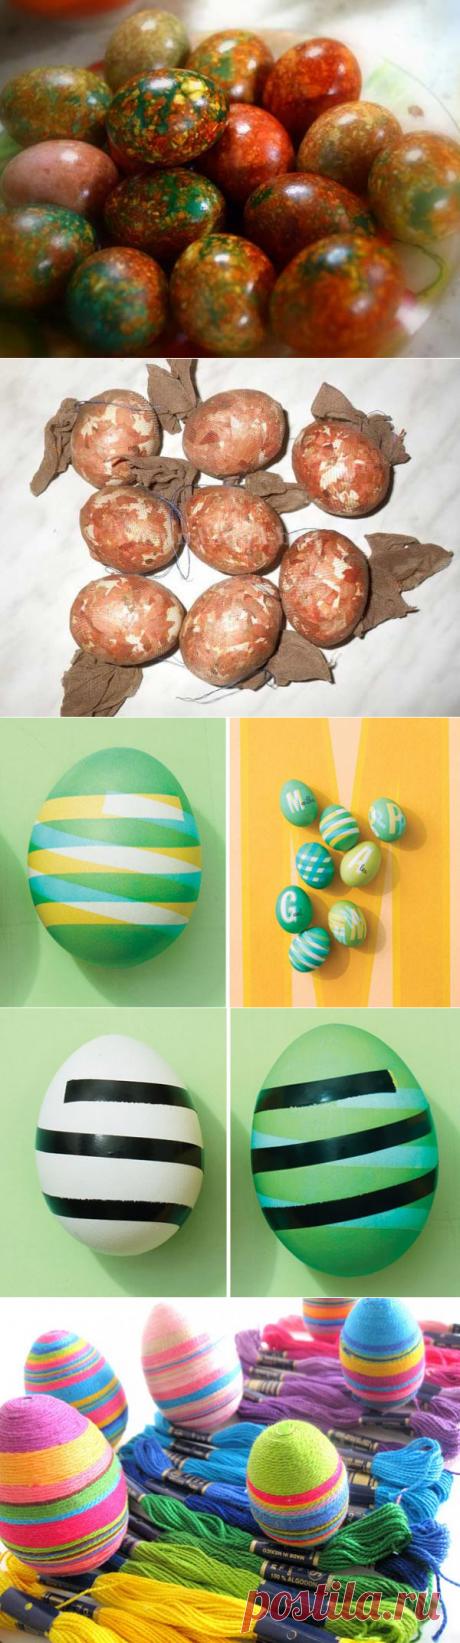 14 способов легко и оригинально оформить пасхальные яйца